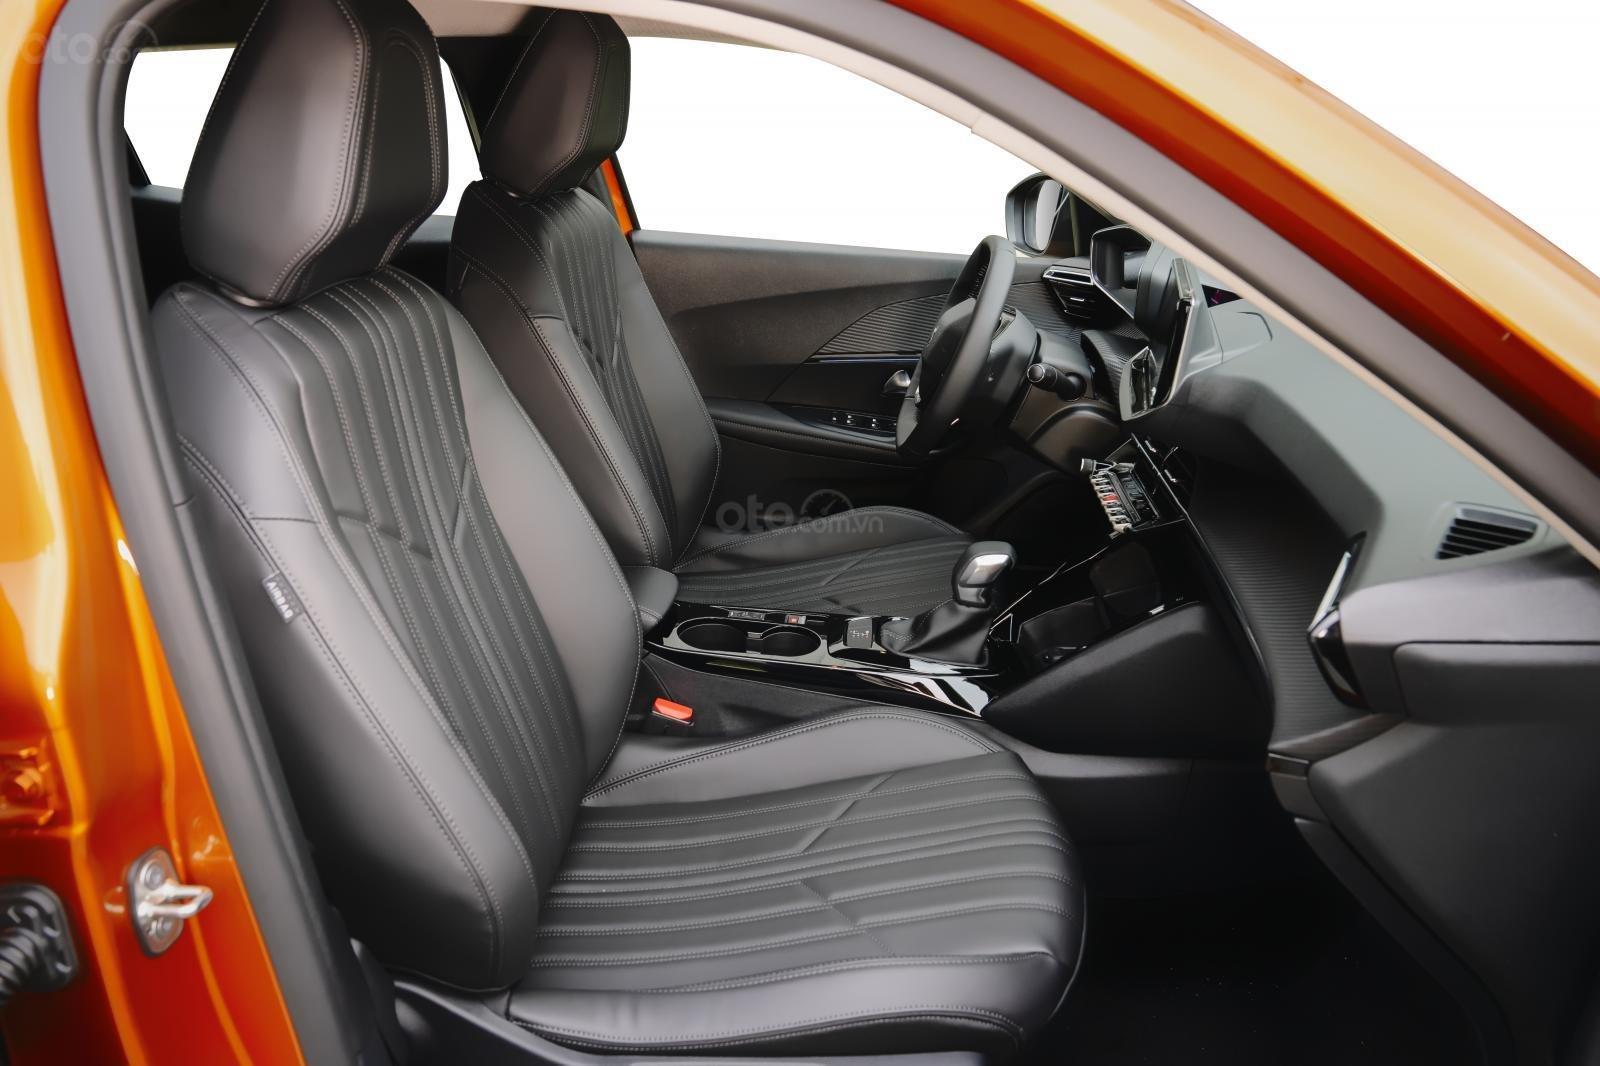 Siêu phẩm SUV - Peugeot 2008, liên hệ ngay để nhận nhiều ưu đãi hấp dẫn! (8)